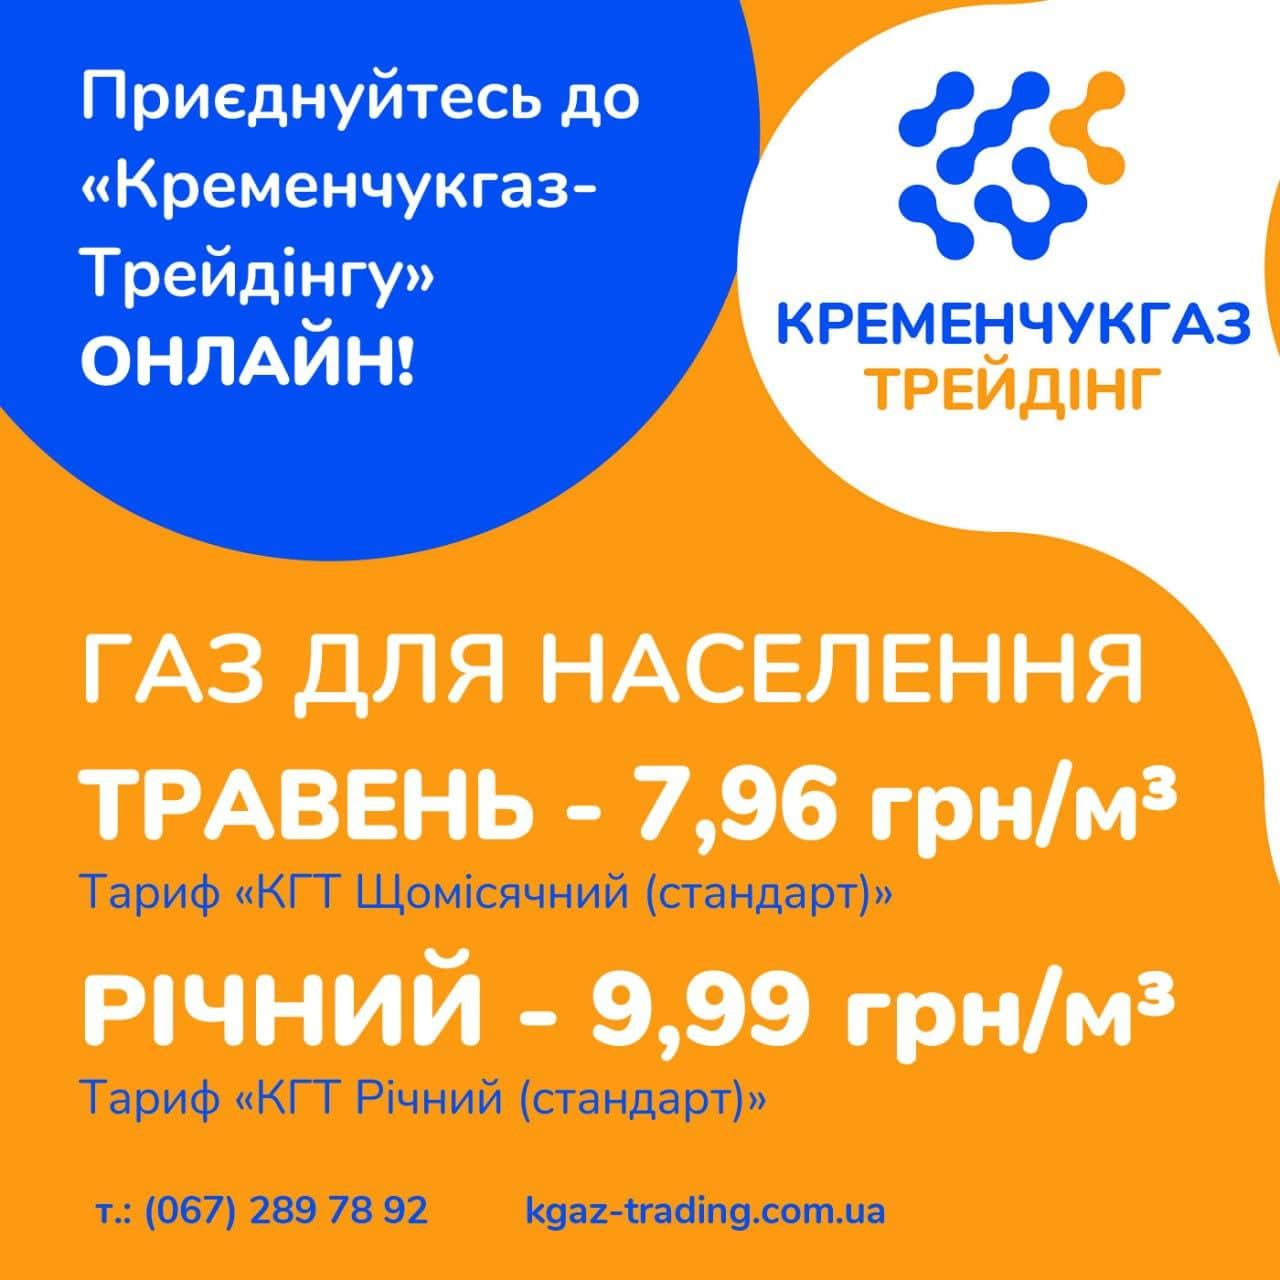 Приєднатися до «Кременчукгаз-Трейдінгу» можна дистанційно – постачальник газу пропонує споживачам онлайн-сервіс